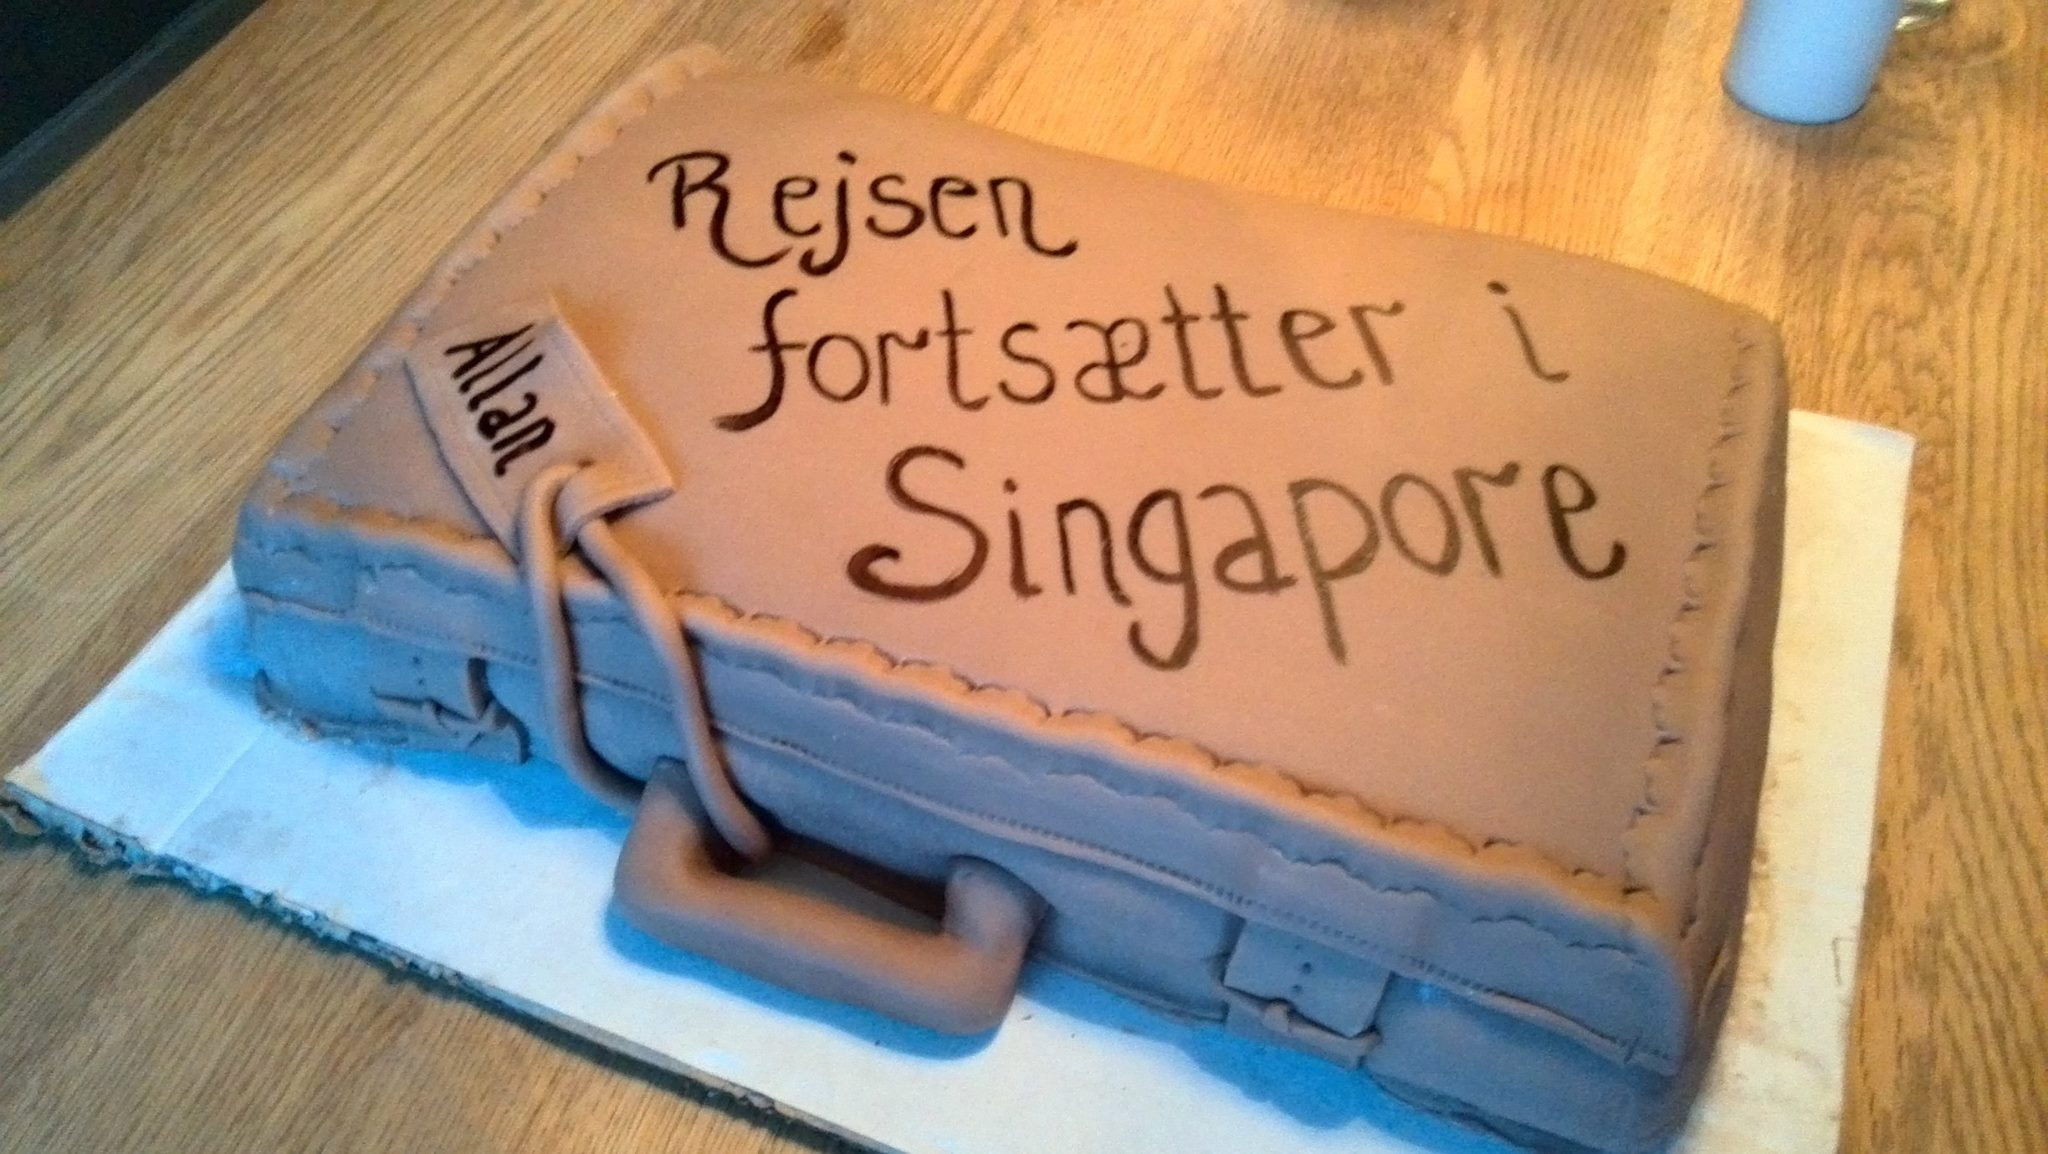 Rejsen fortsætter i Singapore